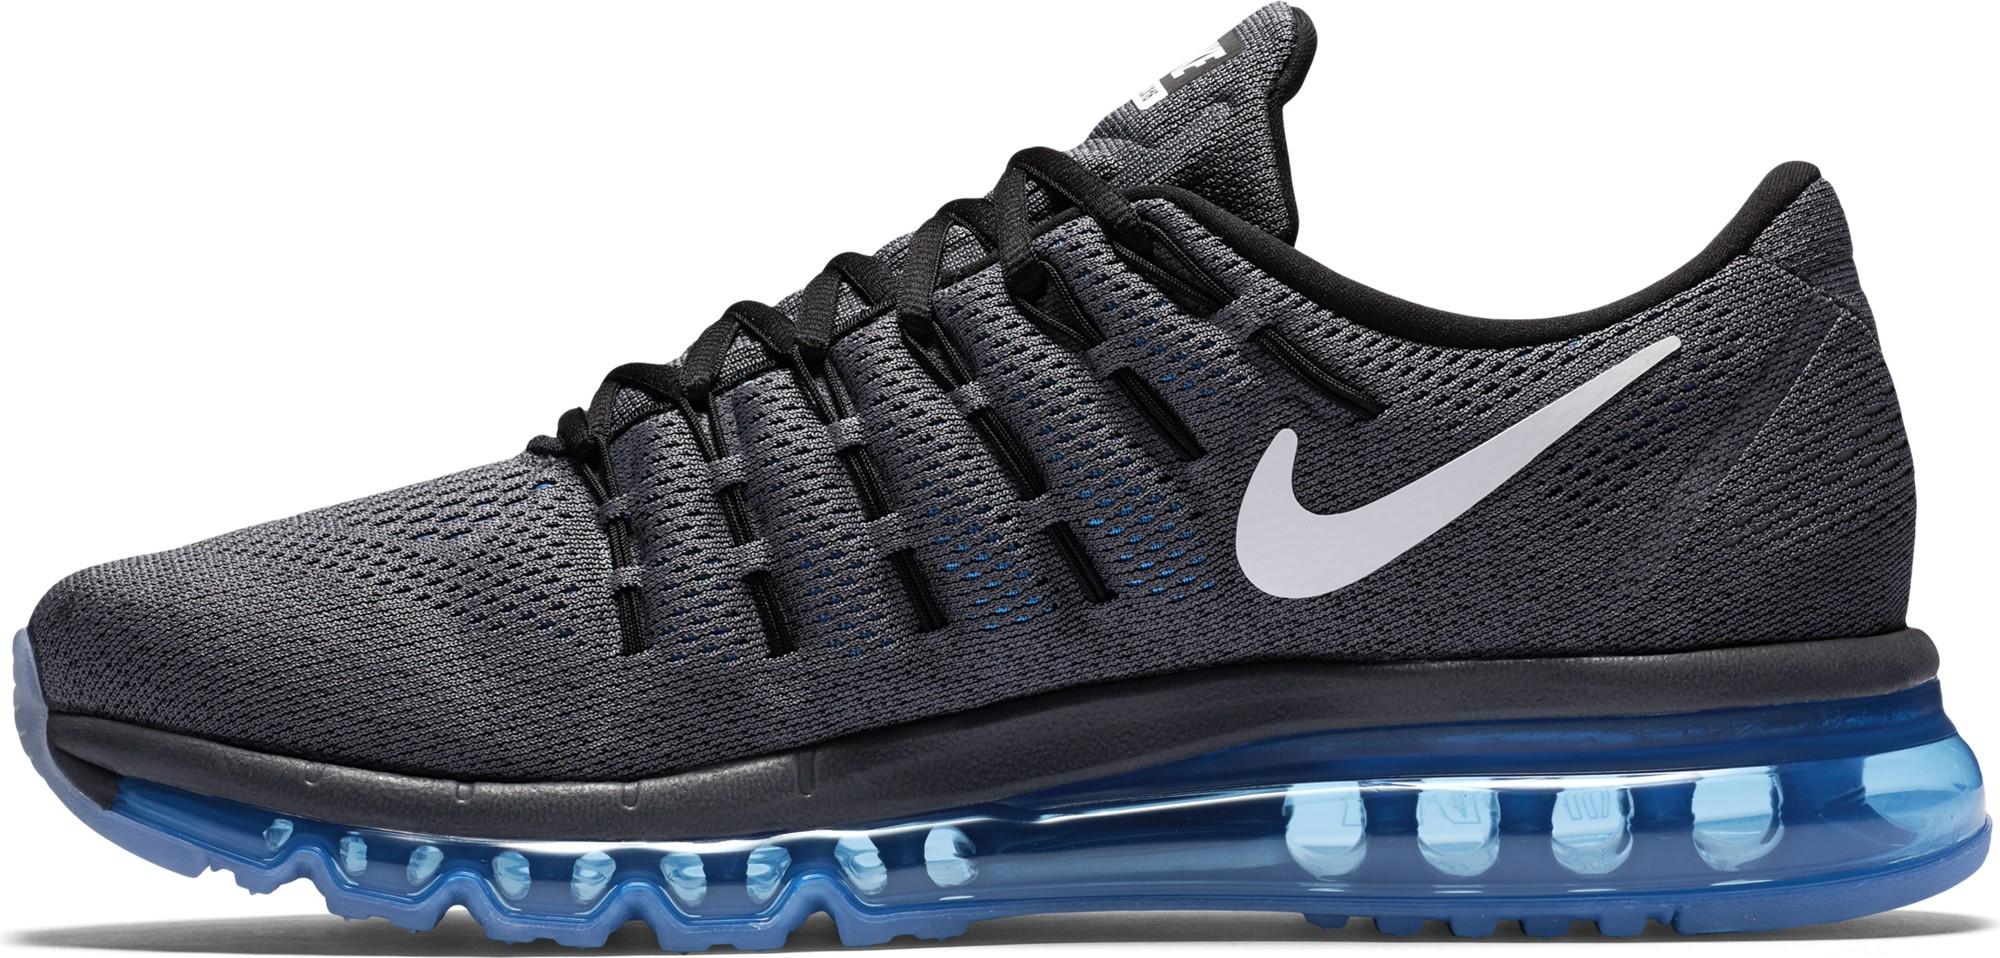 Nike Air Max 2016 806771-002